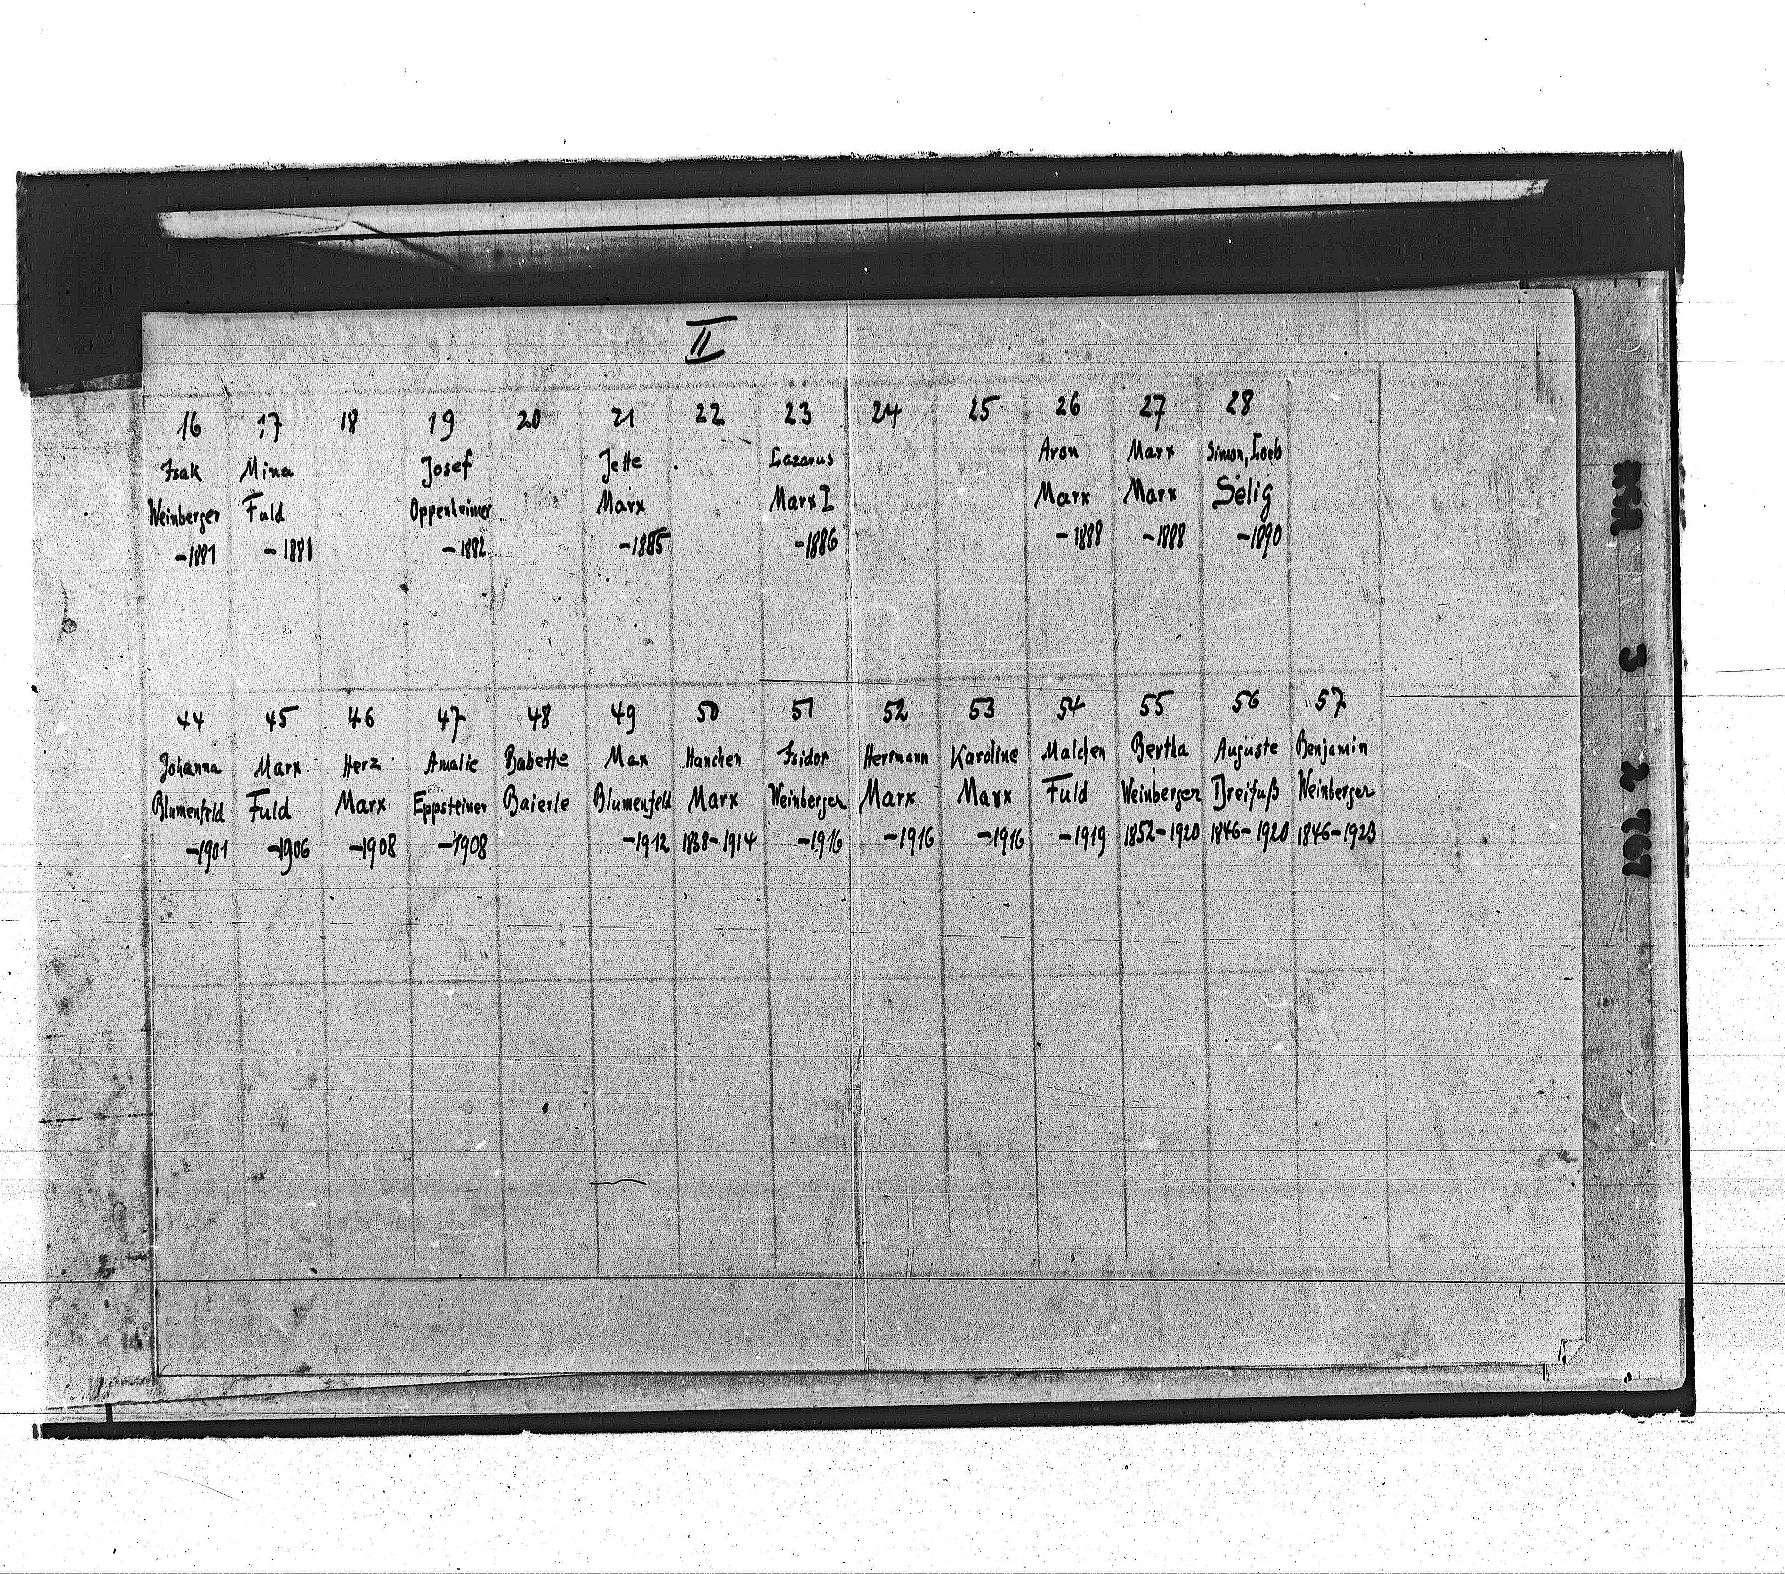 Schriesheim, Bild 3